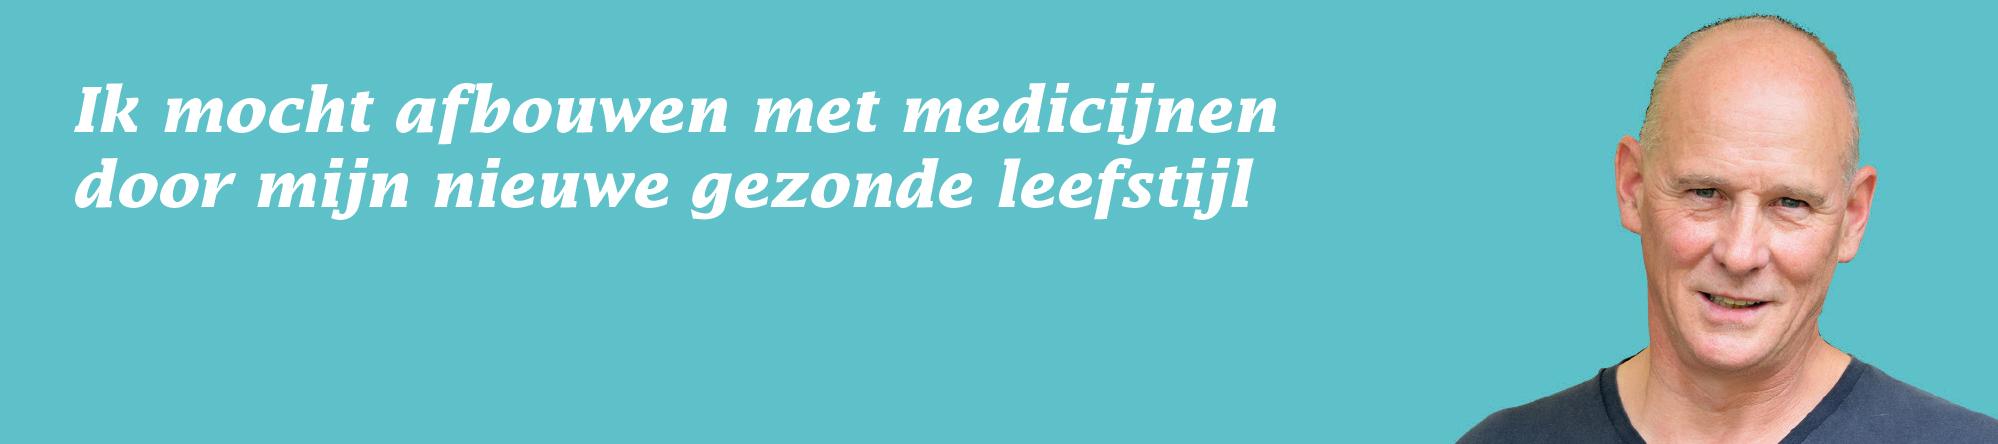 https://de-dietist.nl/wp-content/uploads/2016/09/de-dietist-quote-francois.jpg